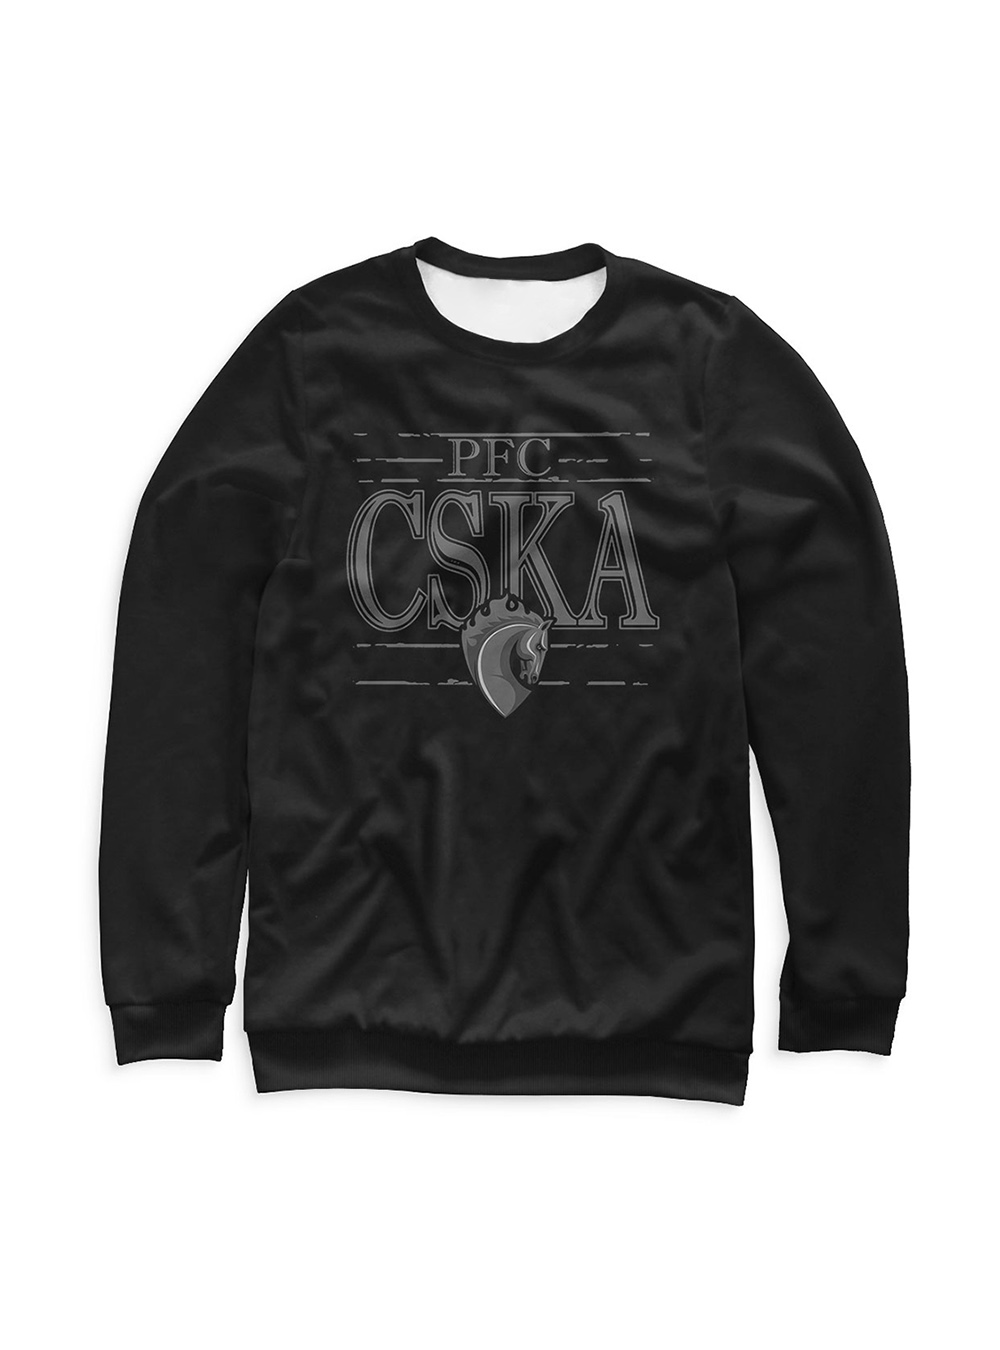 Купить Свитшот мужской «PFC CSKA. Талисман» (M) по Нижнему Новгороду